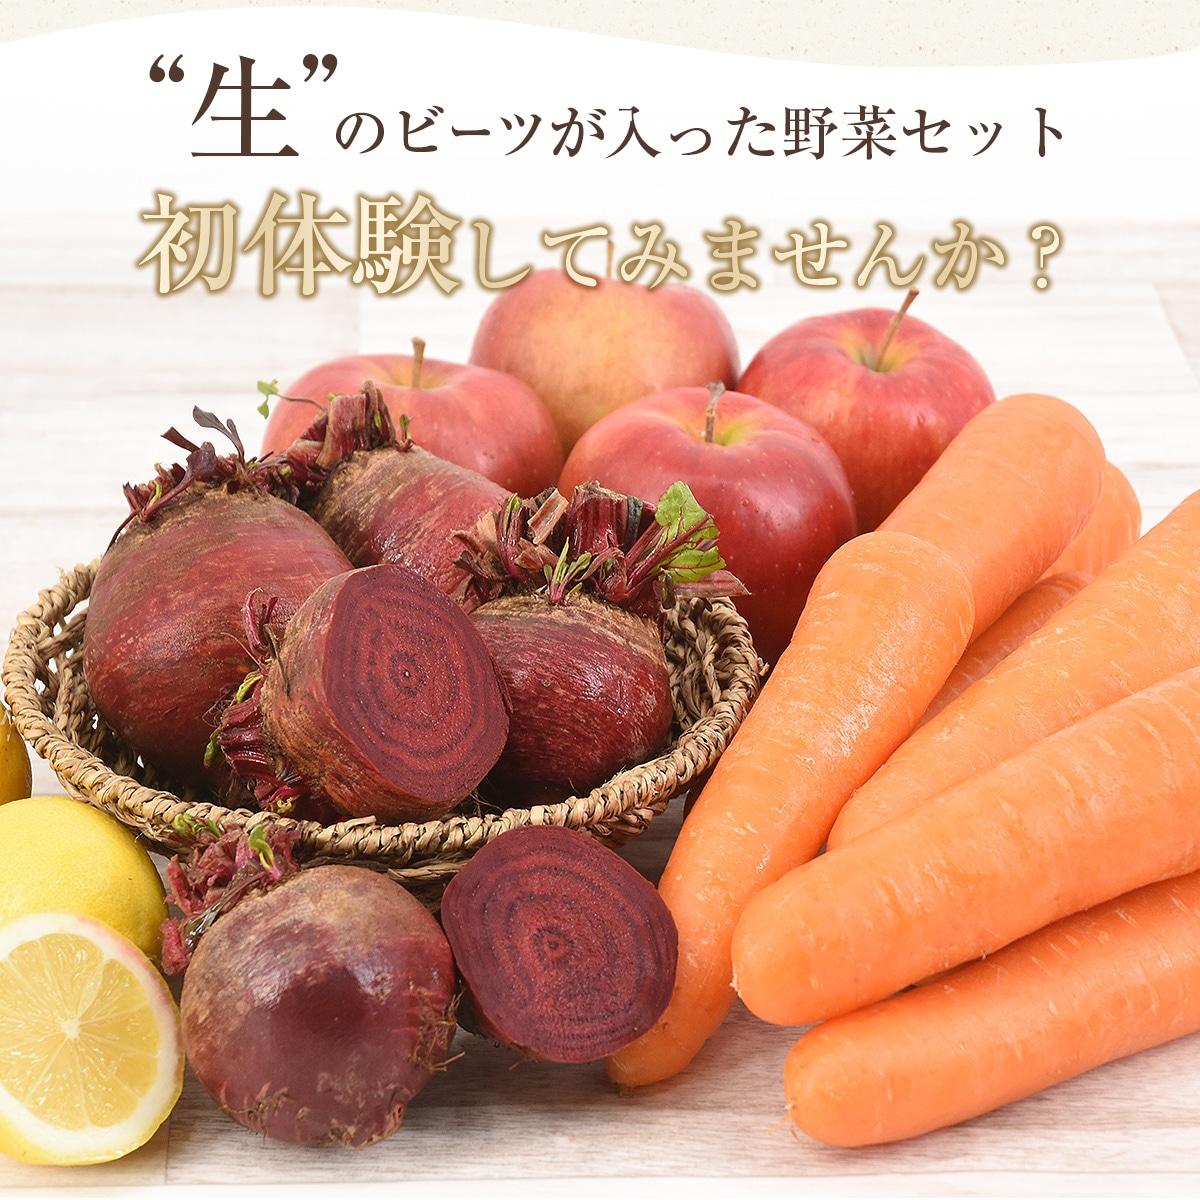 生のビーツが入った野菜セット、初体験してみませんか?